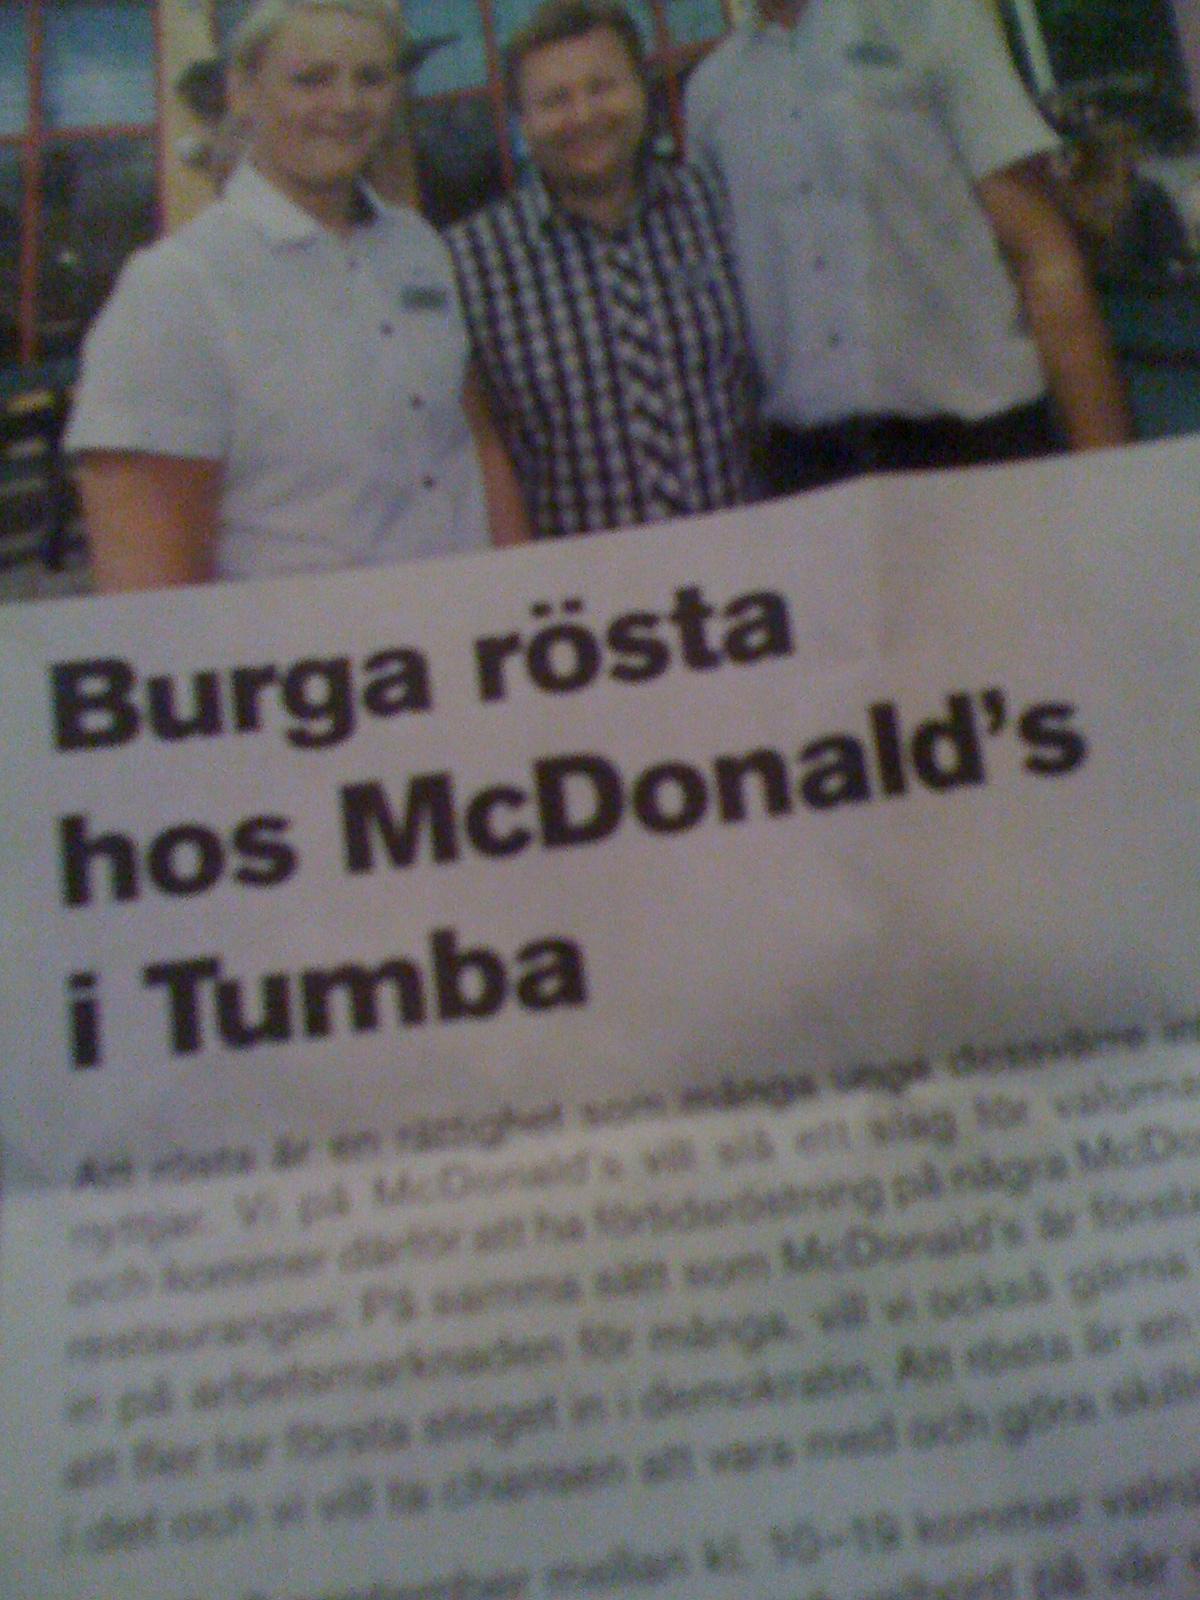 McDonalds i Sverige tar i mot forhåndstemmer